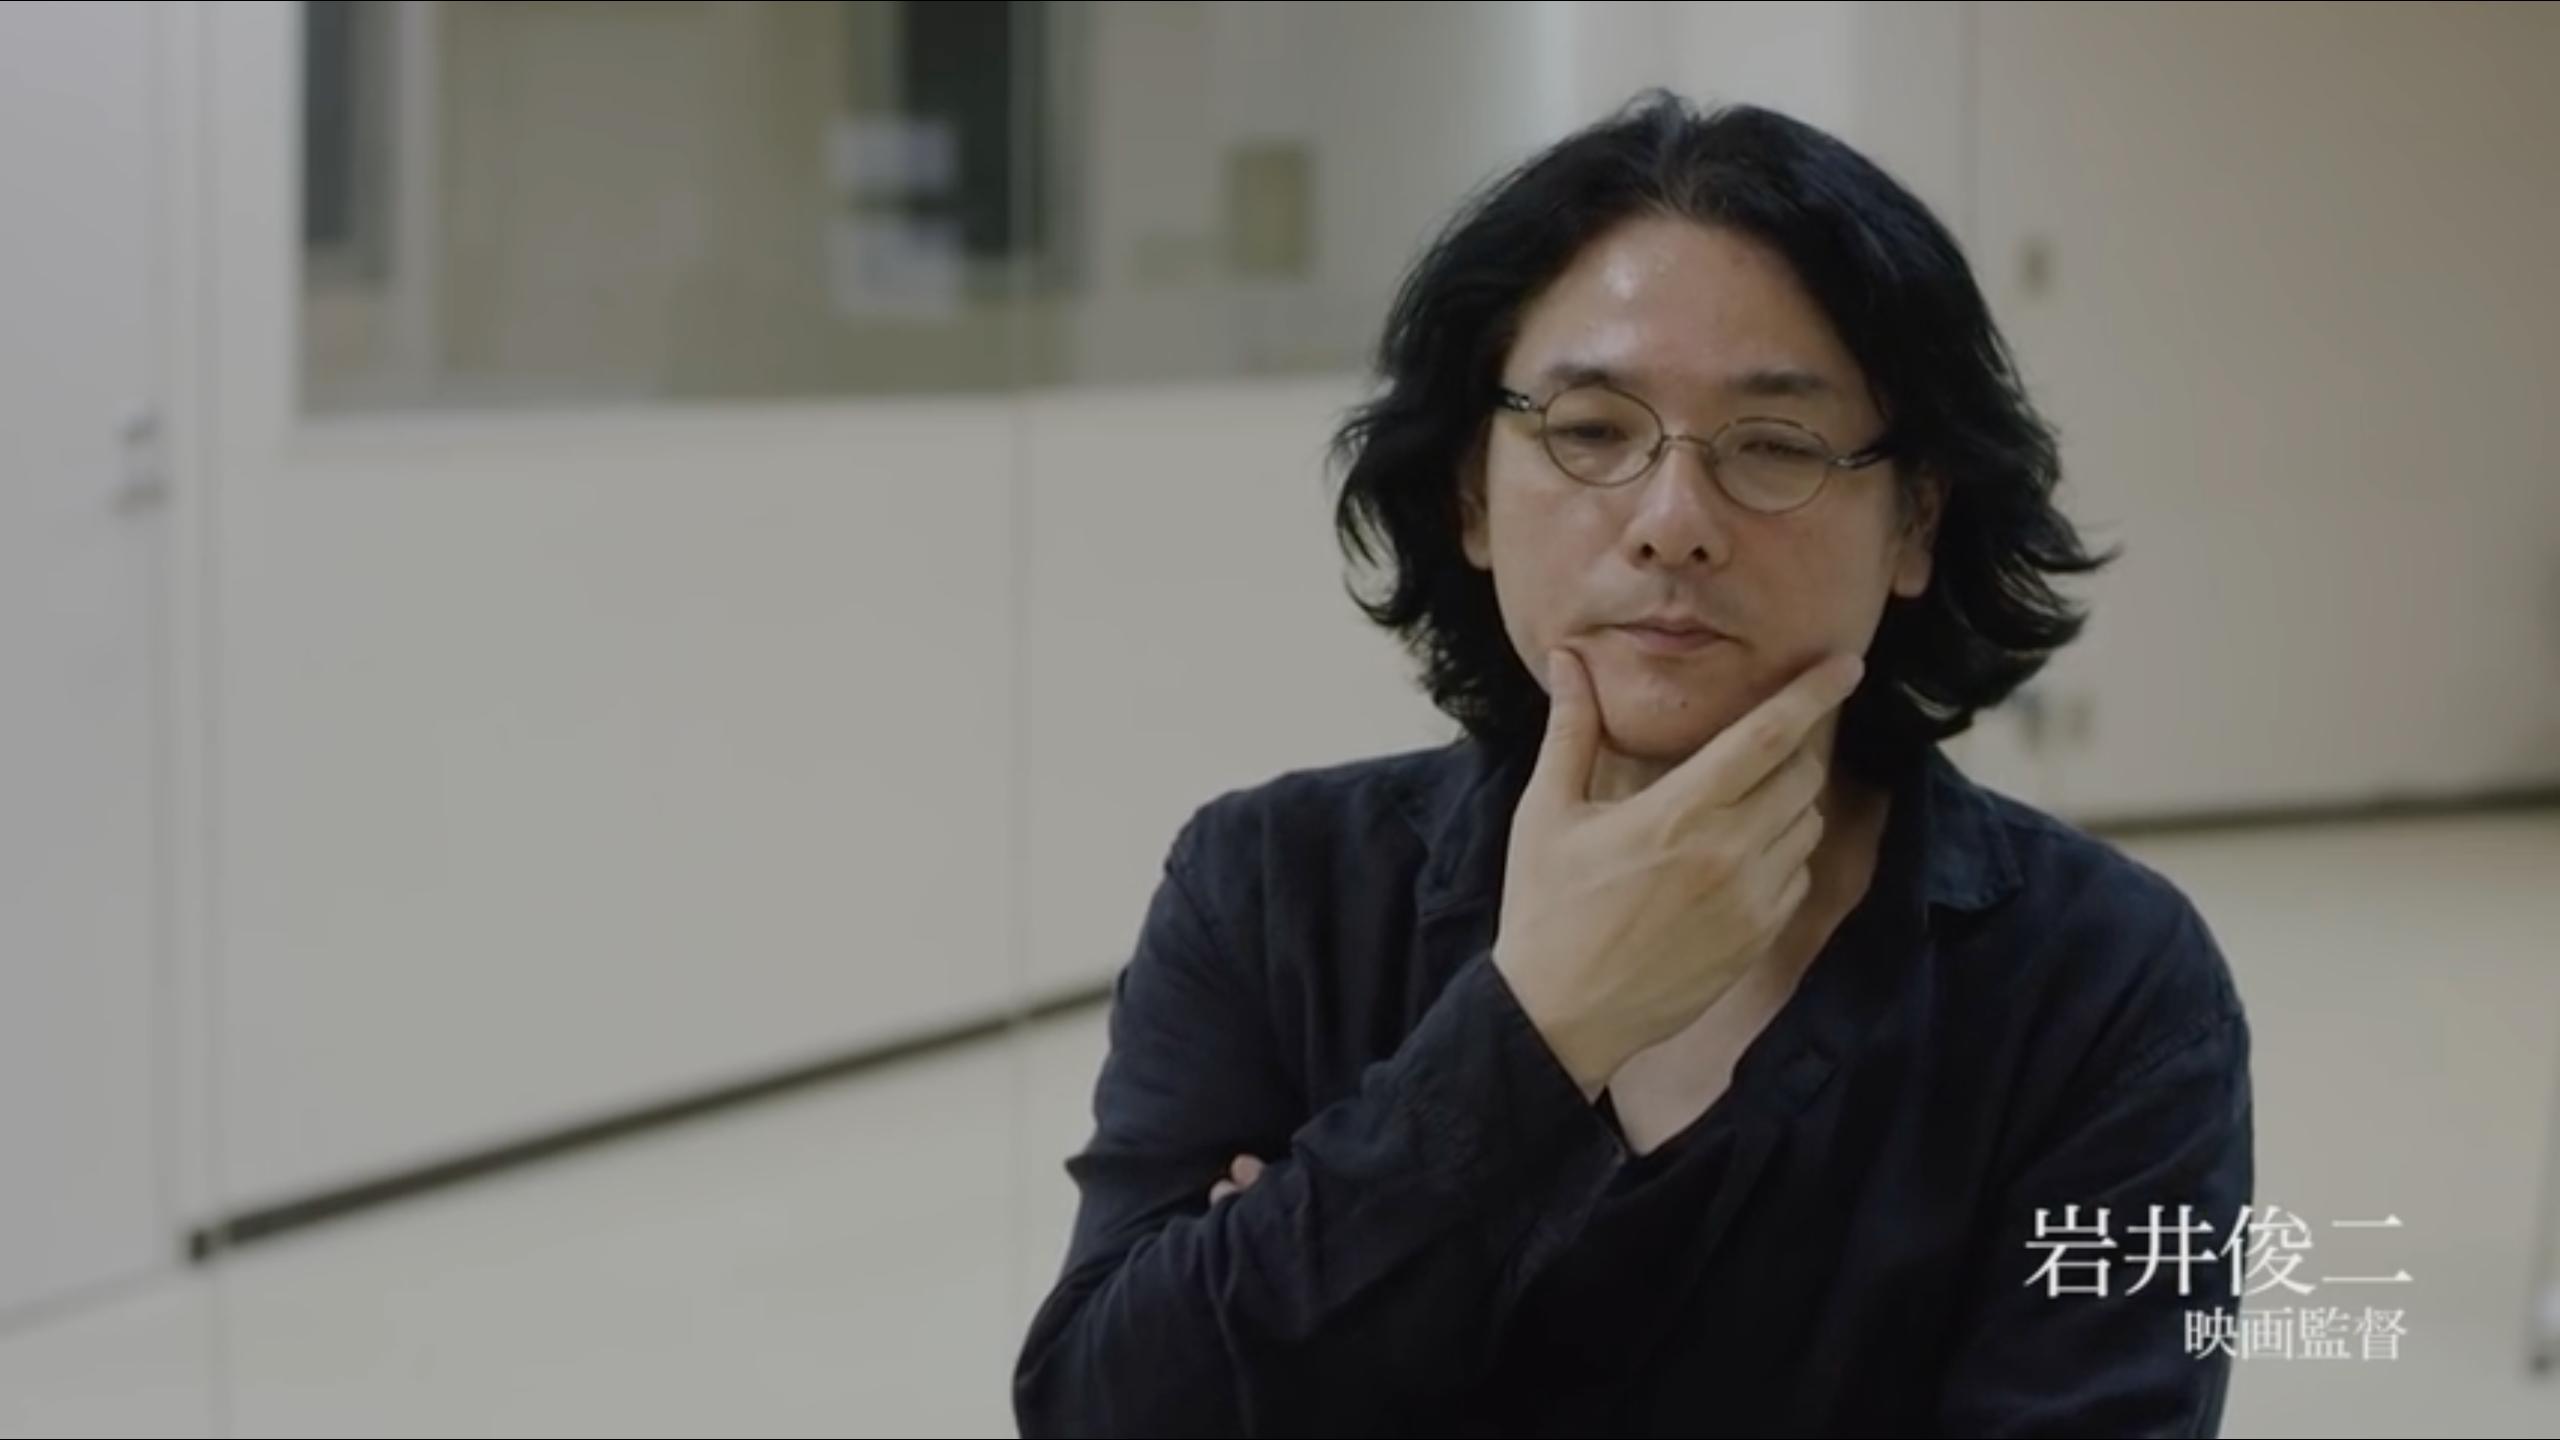 岩井監督がメモリプレイのドキュメンタリーを撮影してくれました!!